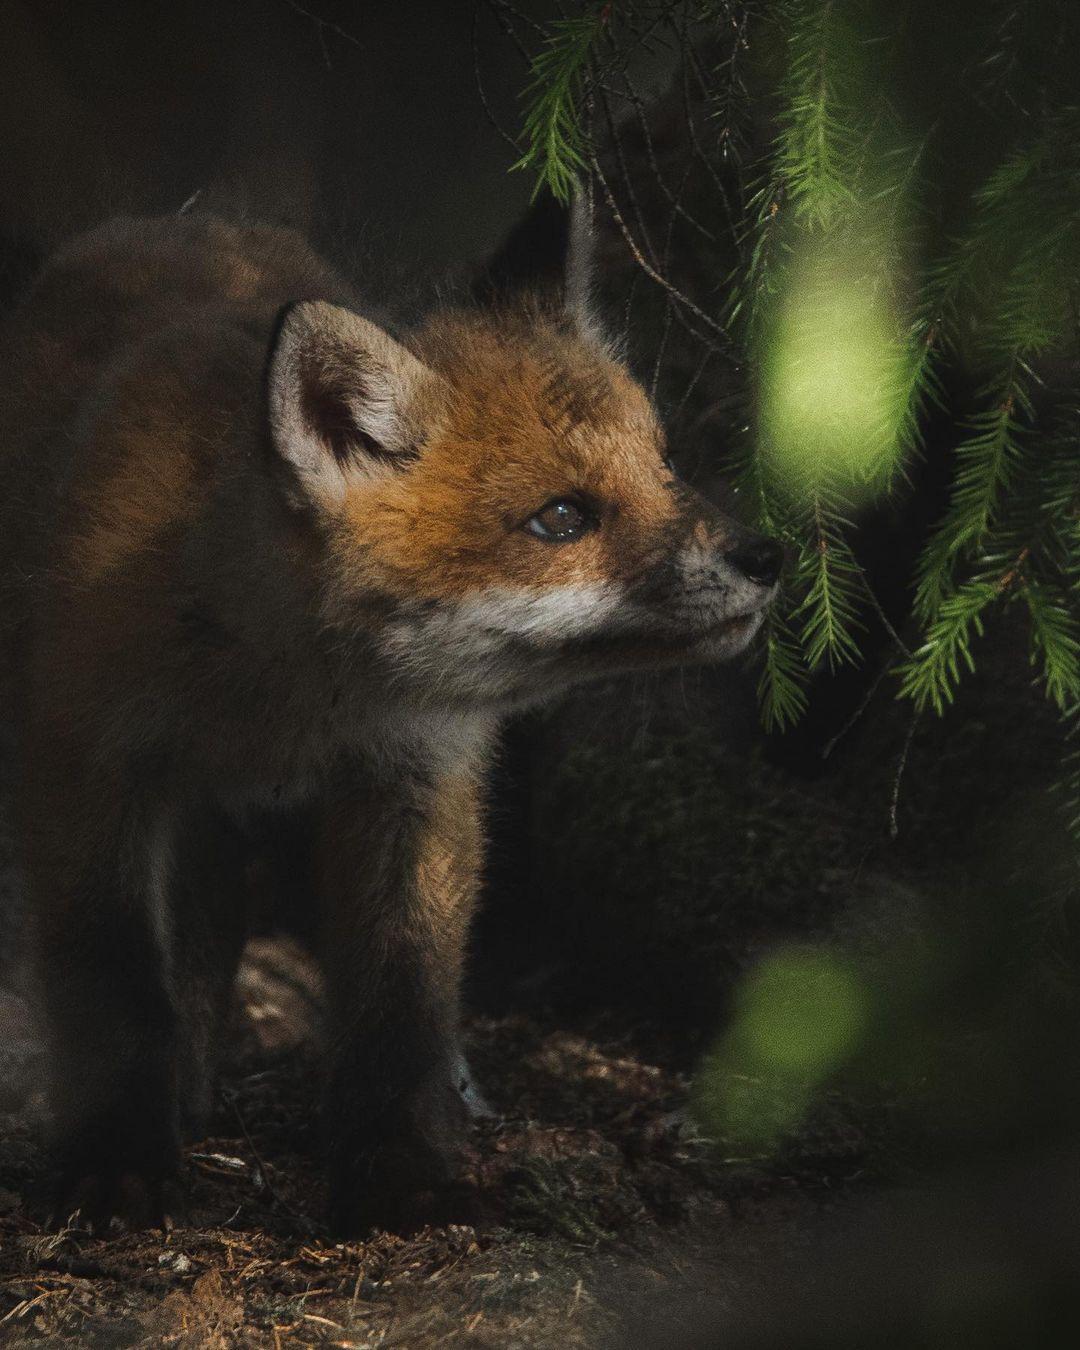 Обитатели леса на снимках Олле Нилссона